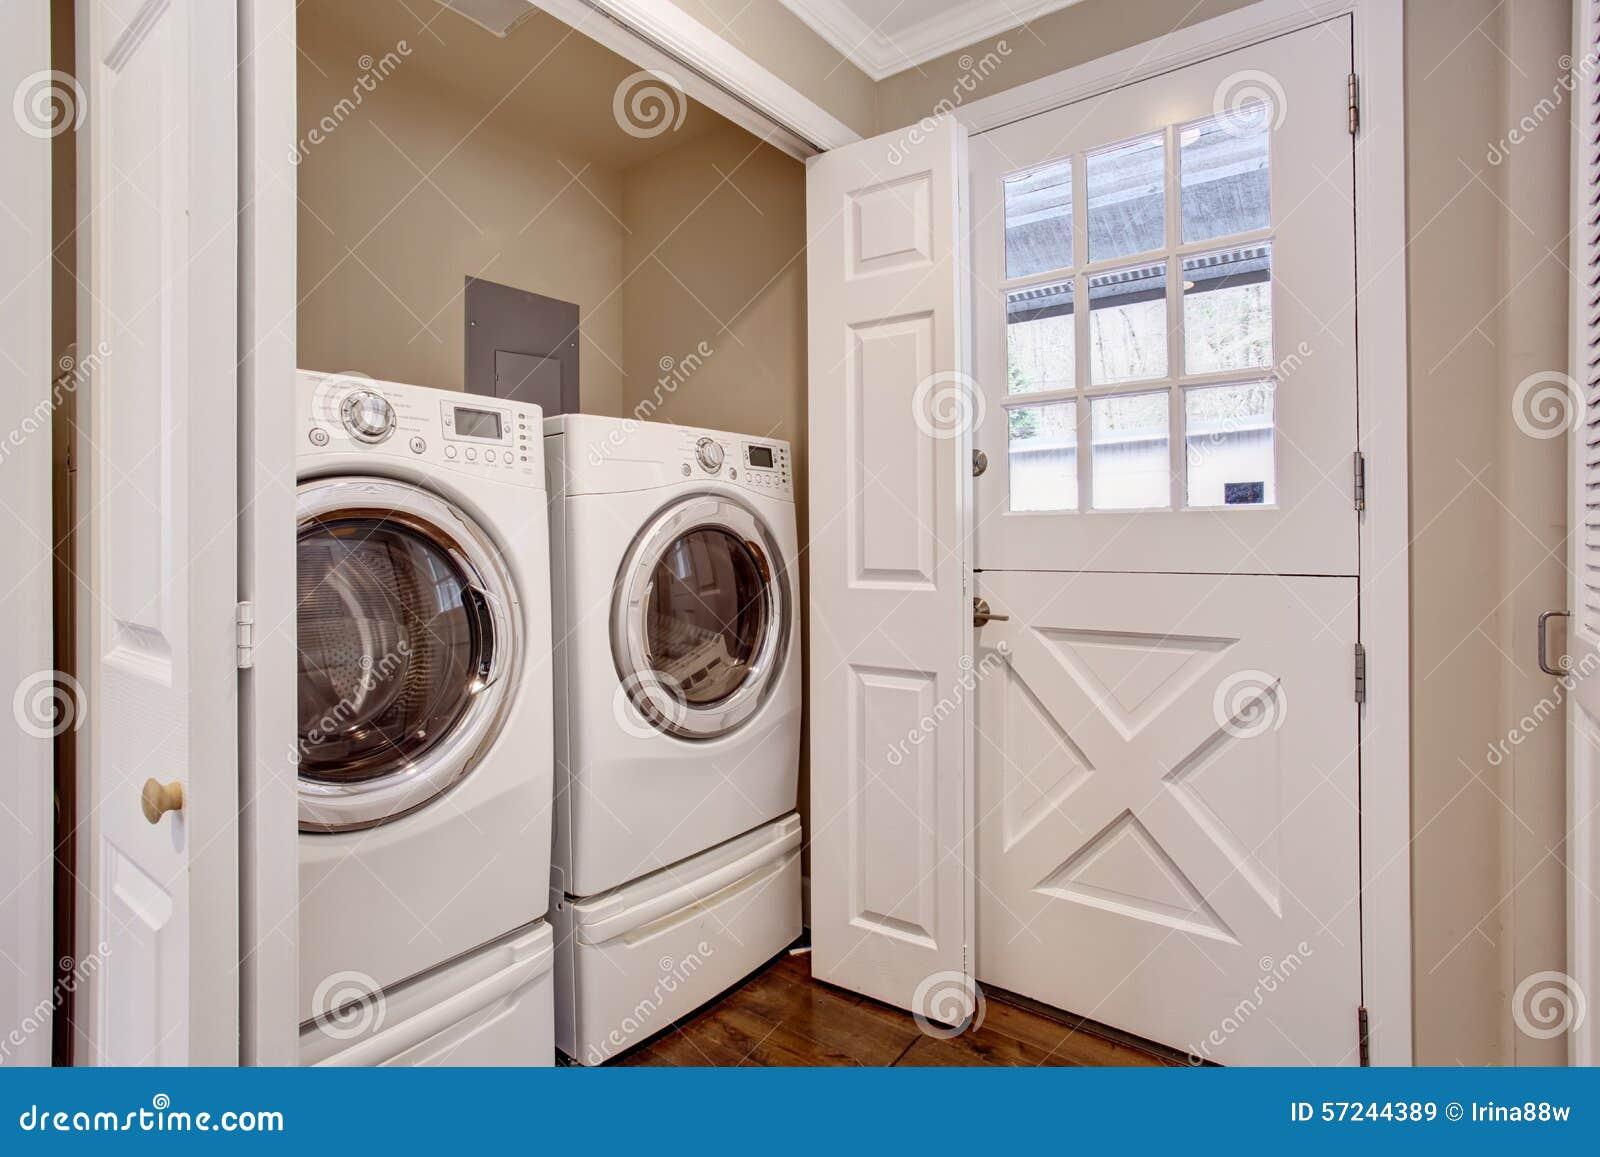 Kleiner wäschereibereich mit waschmaschine und trockner stockbild